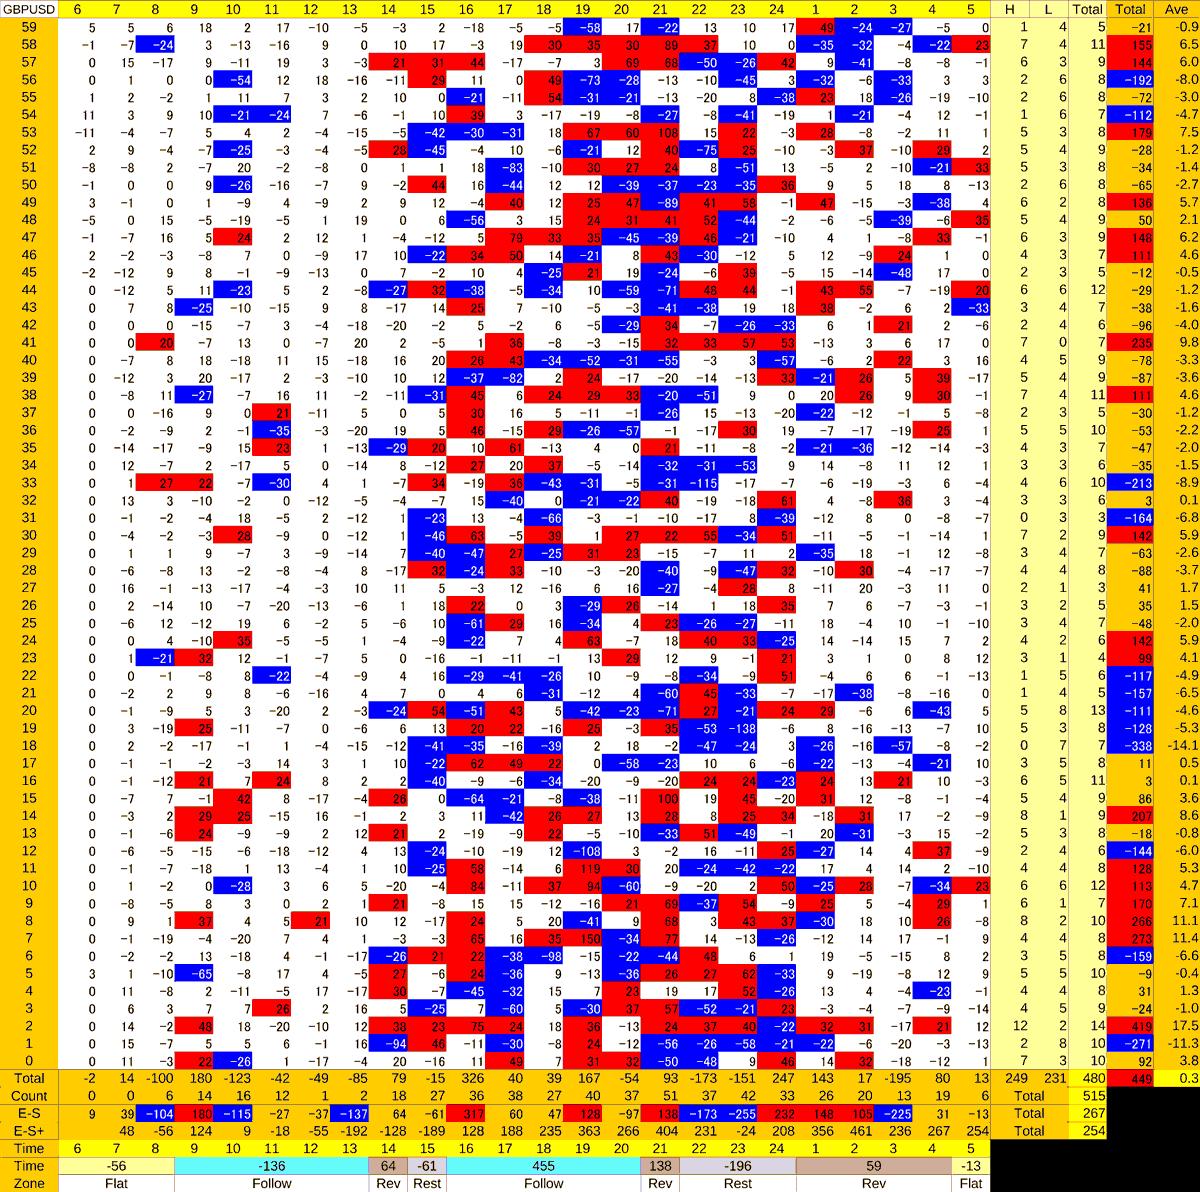 20200924_HS(2)GBPUSD